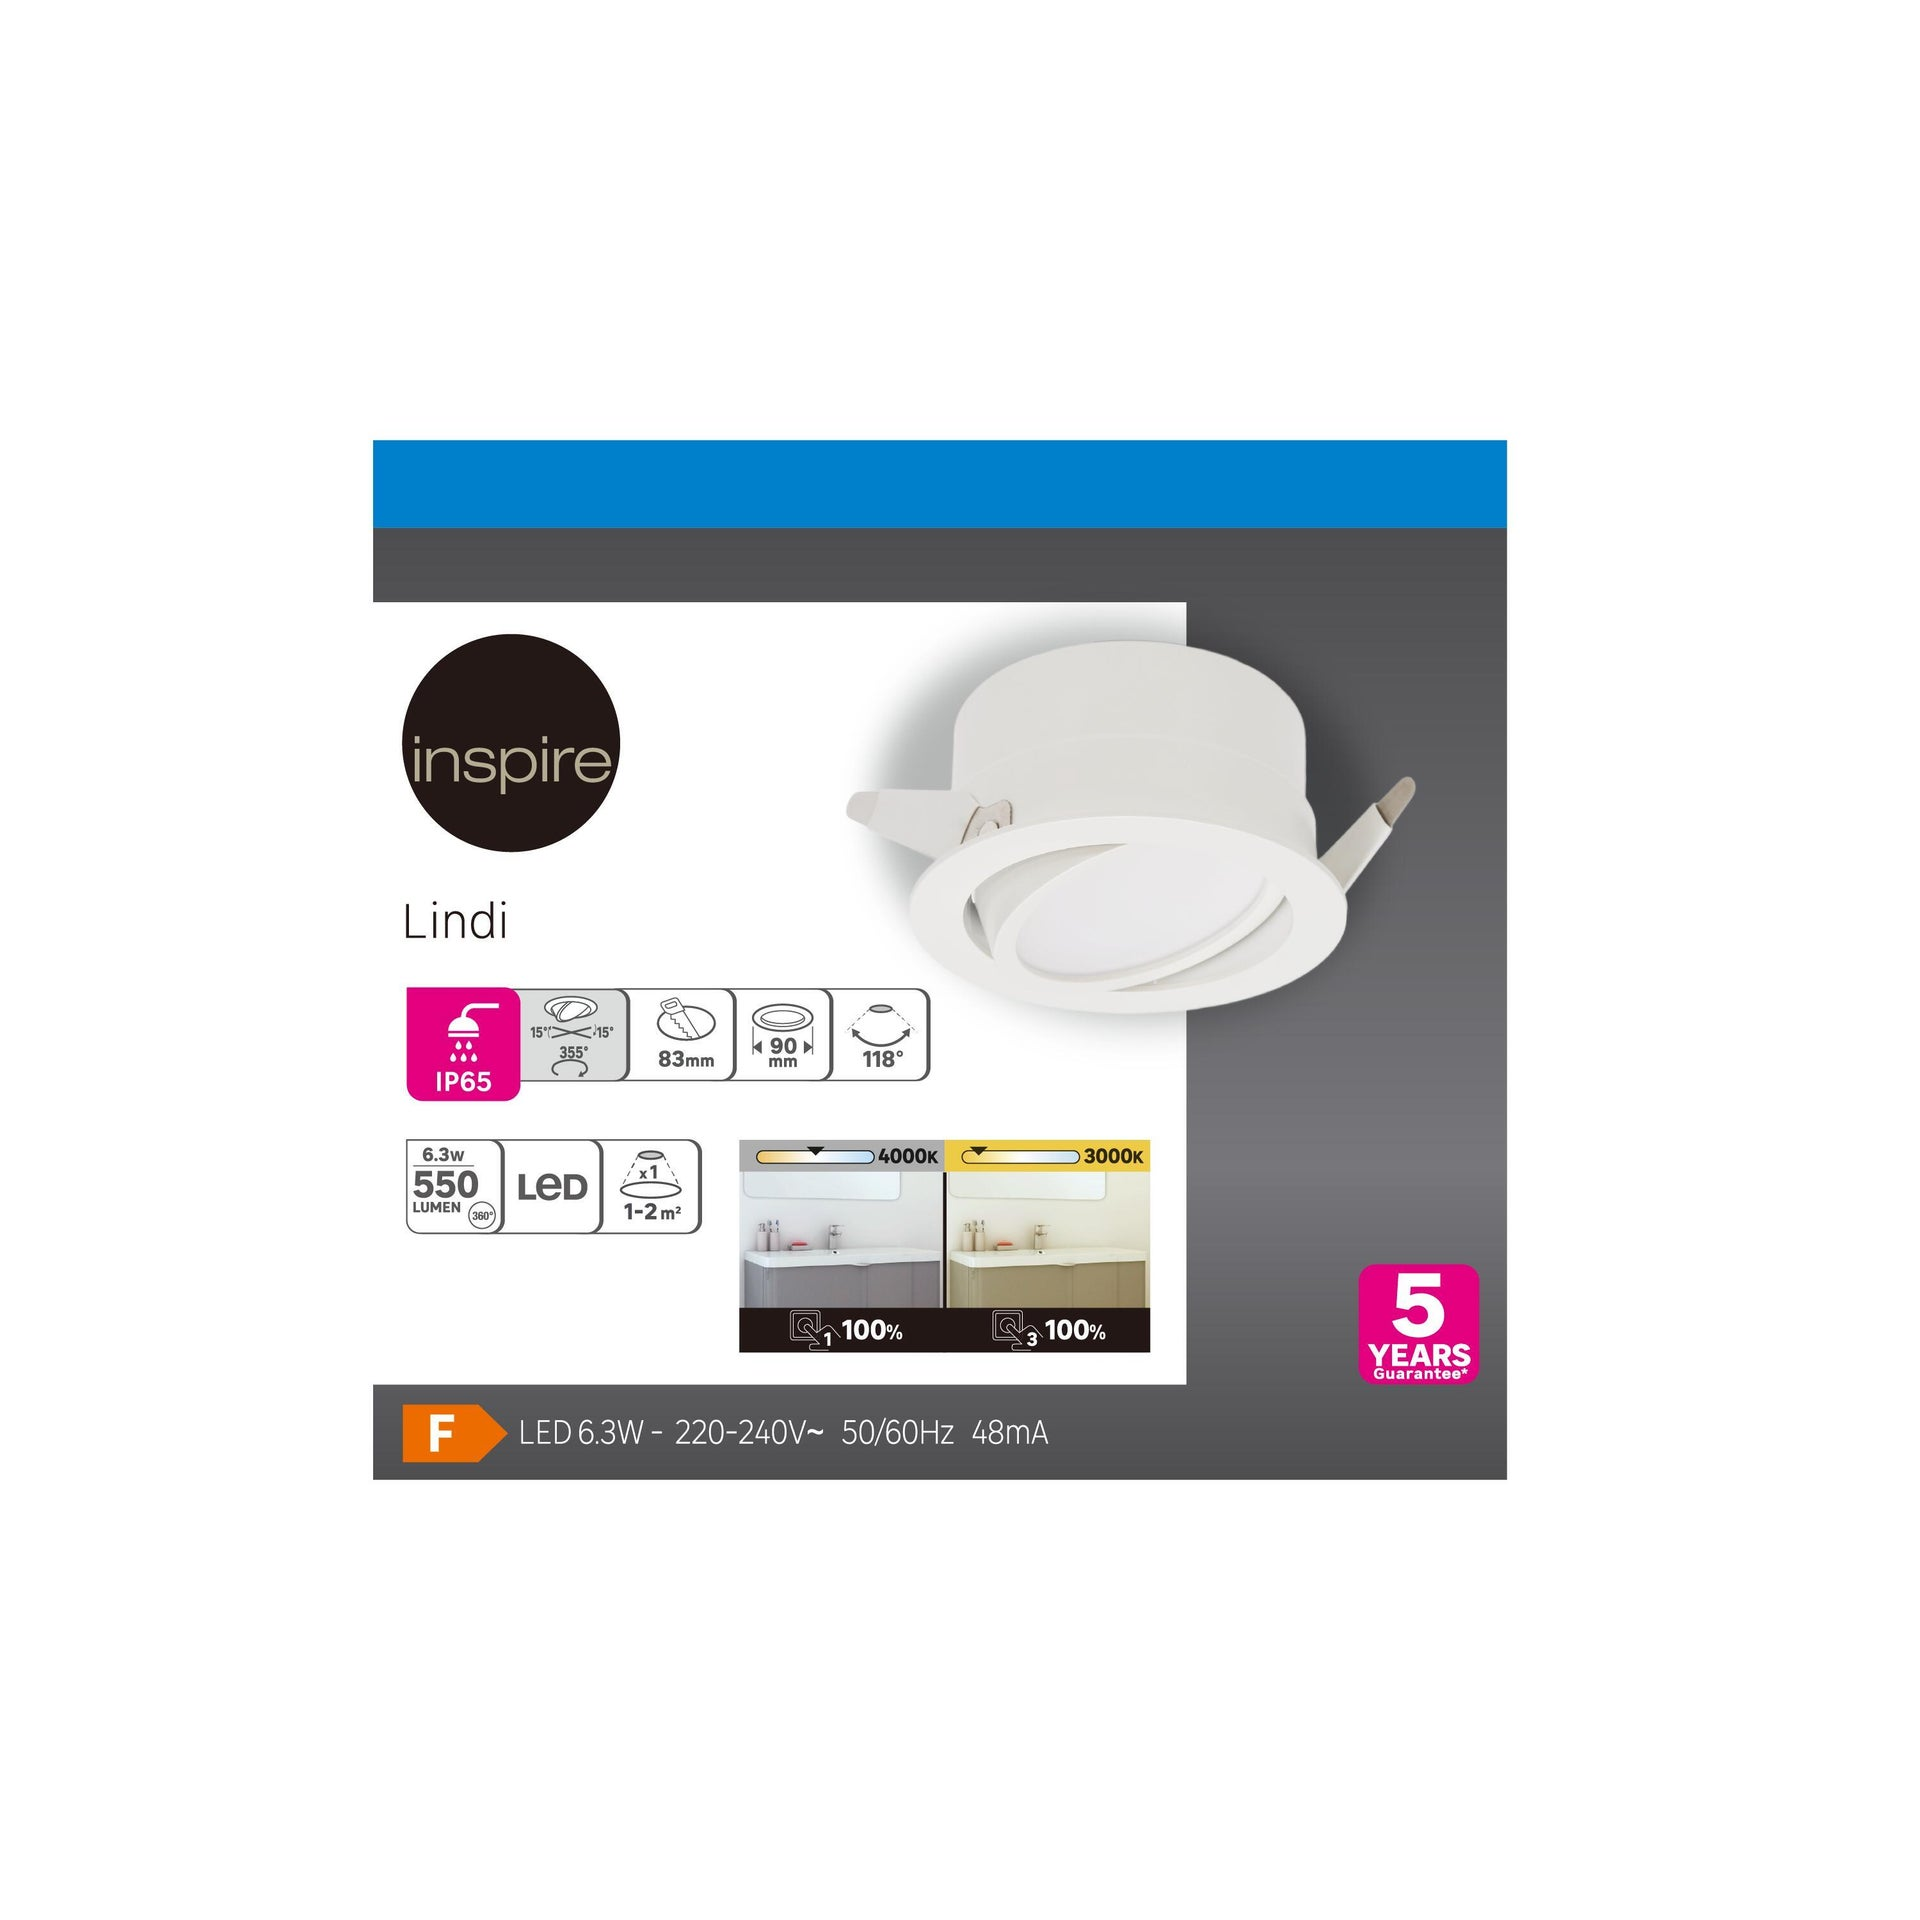 Faretto orientabile da incasso tondo Ori Lindi bianco, diam. 9 cm LED integrato 6.3W 550LM IP65 INSPIRE - 8